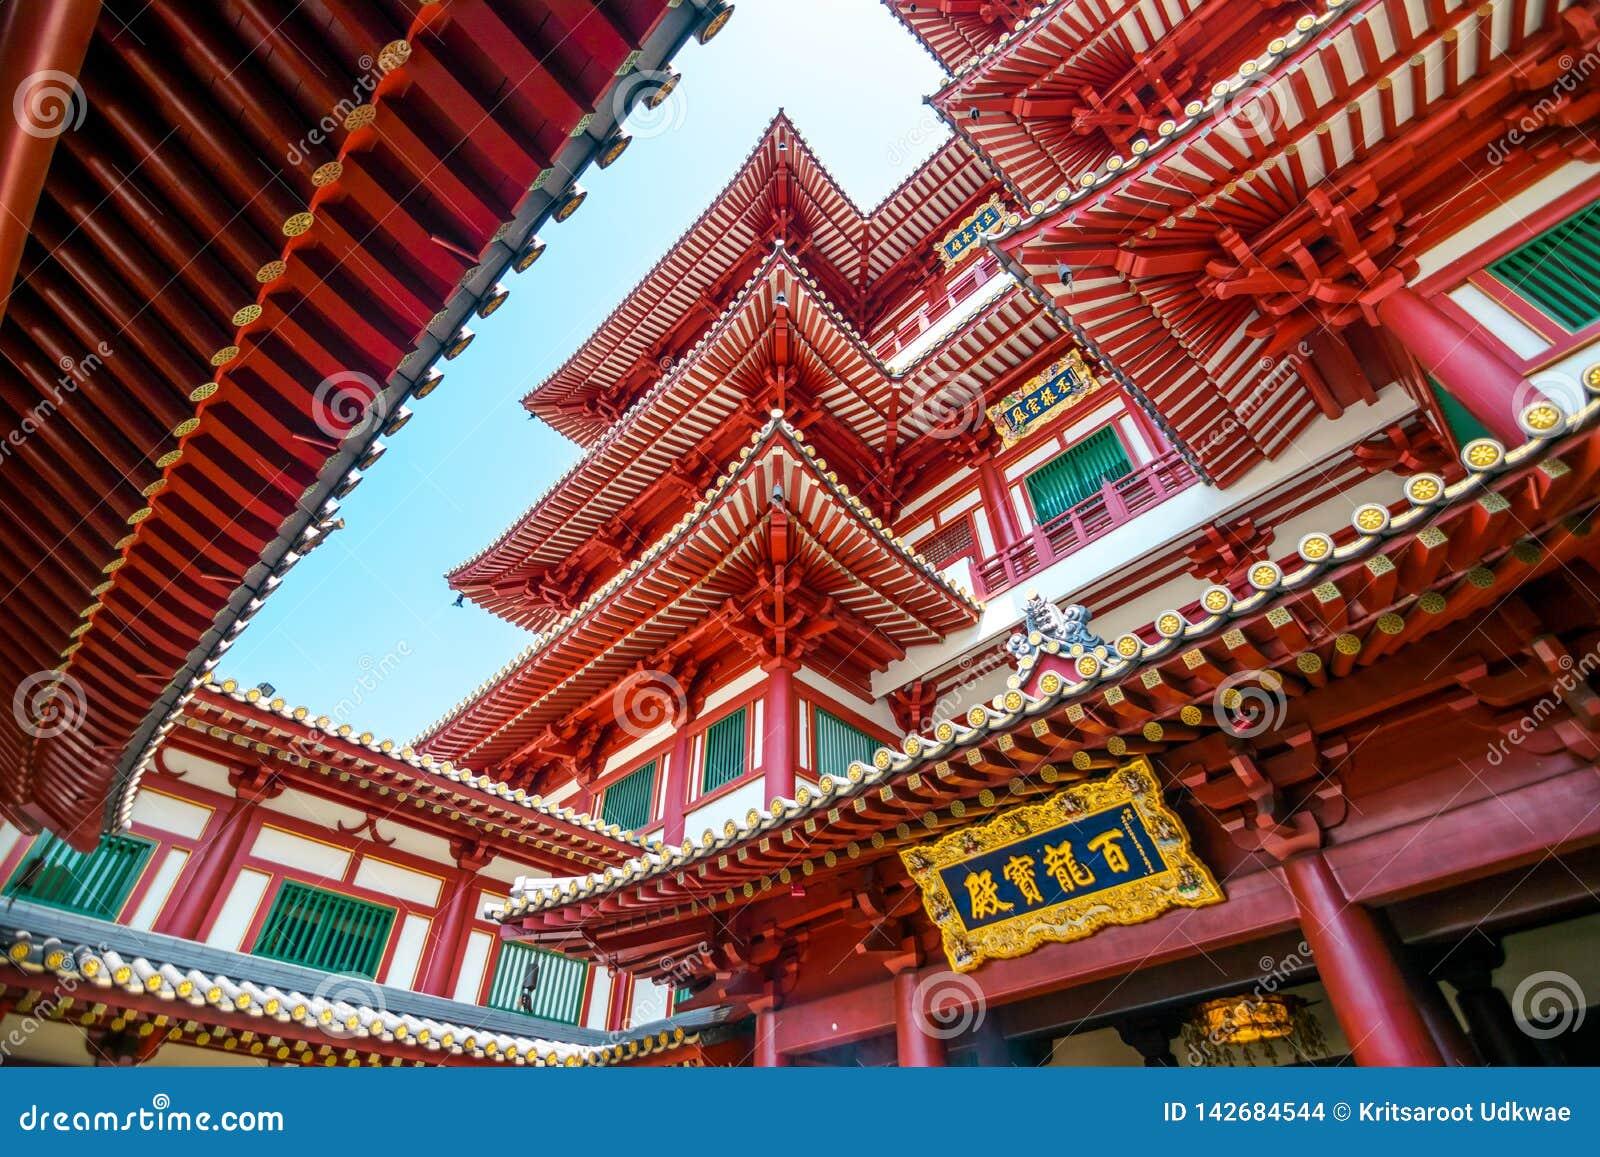 Ο ναός λειψάνων δοντιών του Βούδα